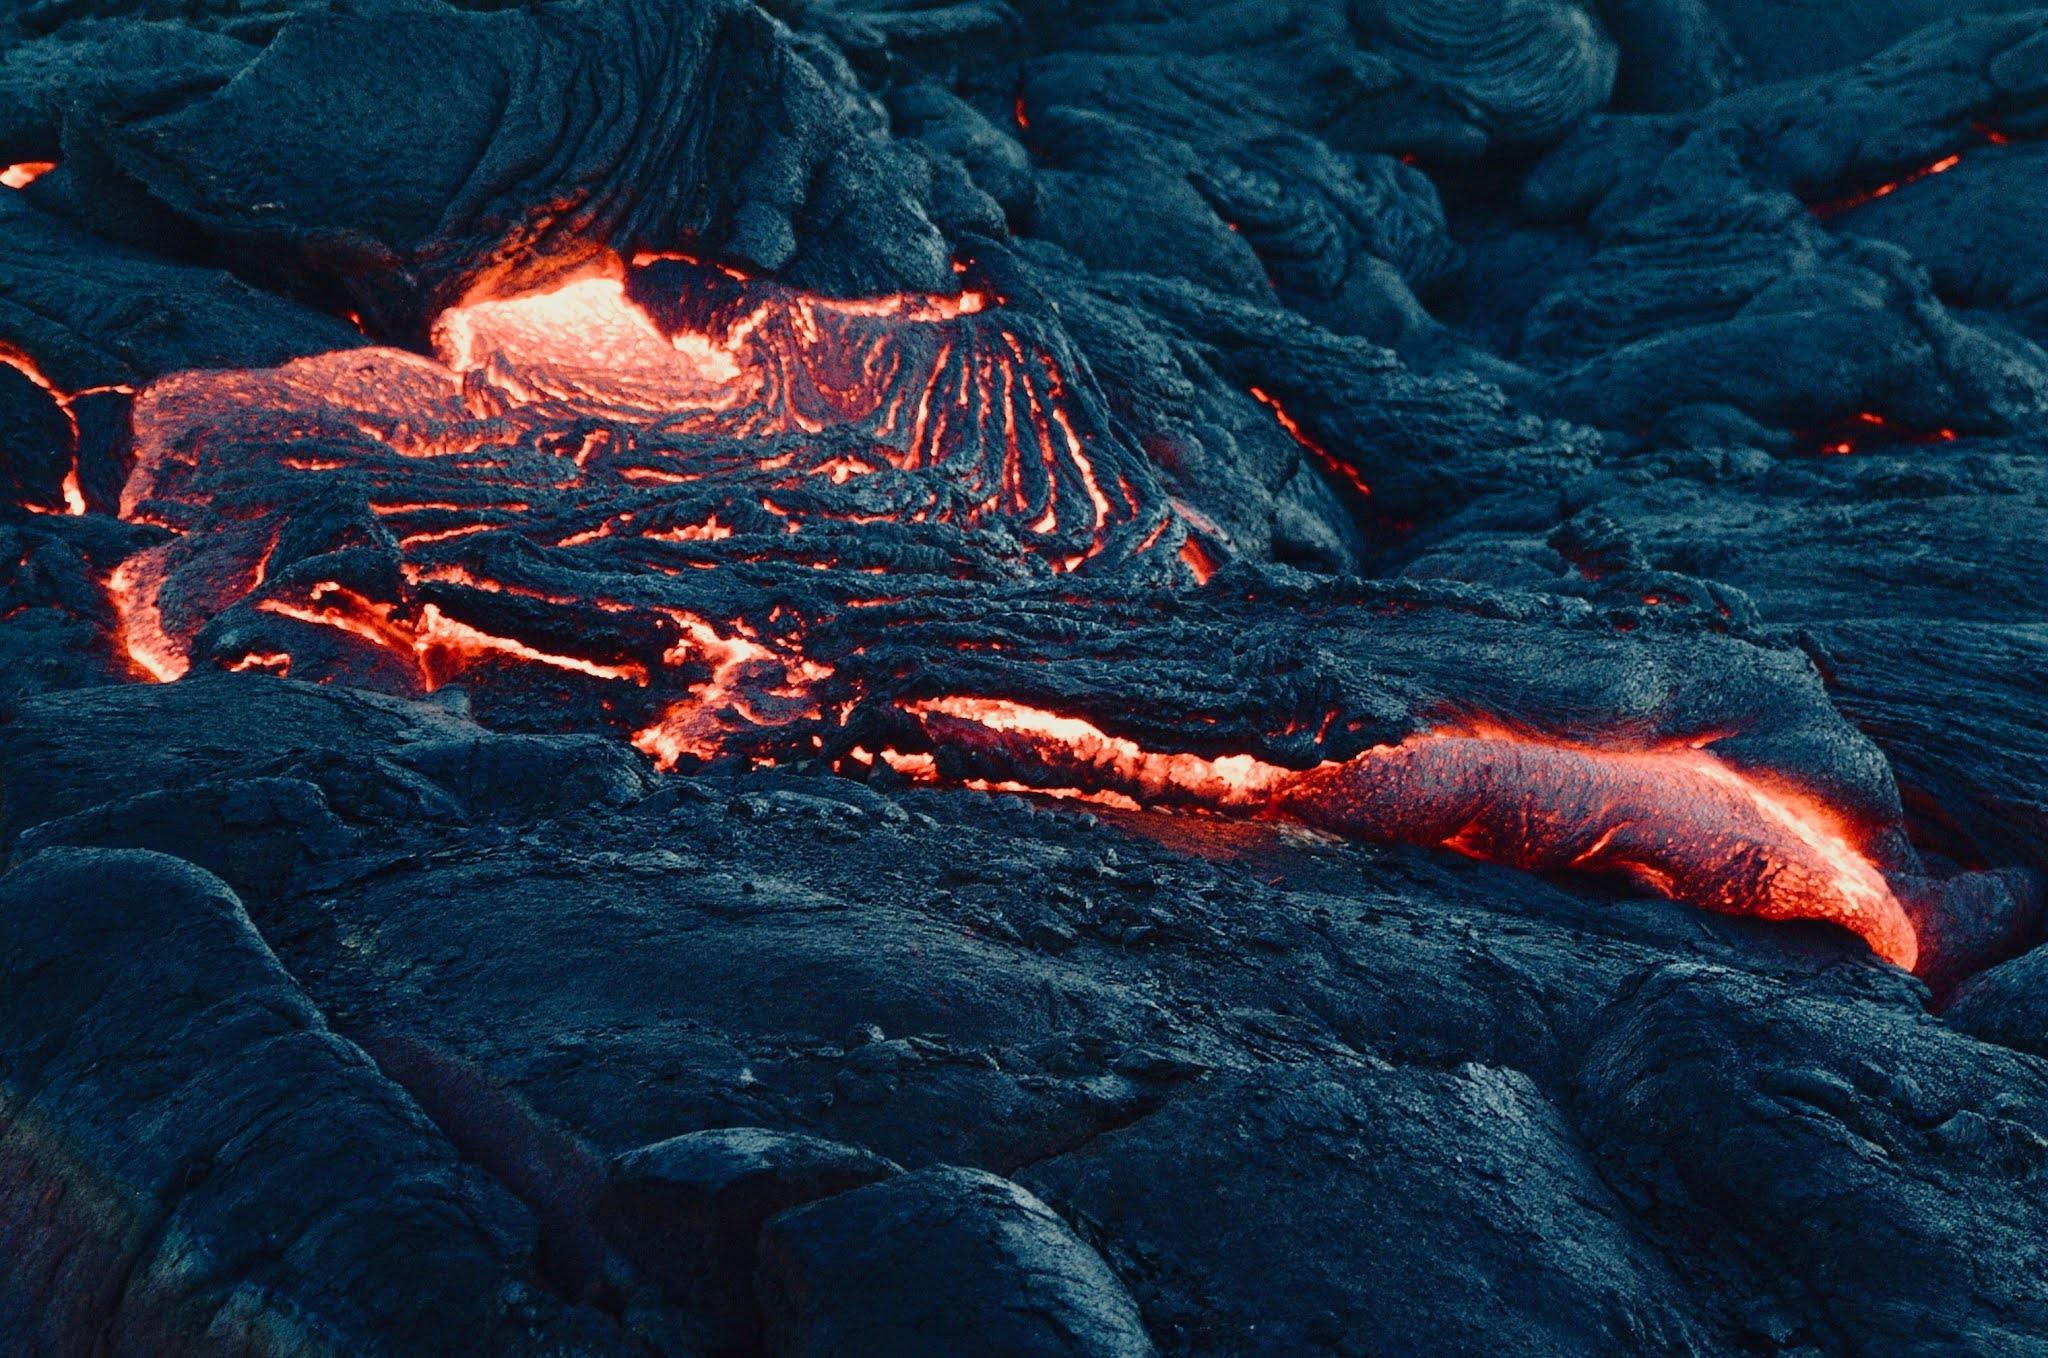 Geldingadalir Vulkan mit einer Drohne gefilmt | Drohne kaputt, Aufnahme perfekt